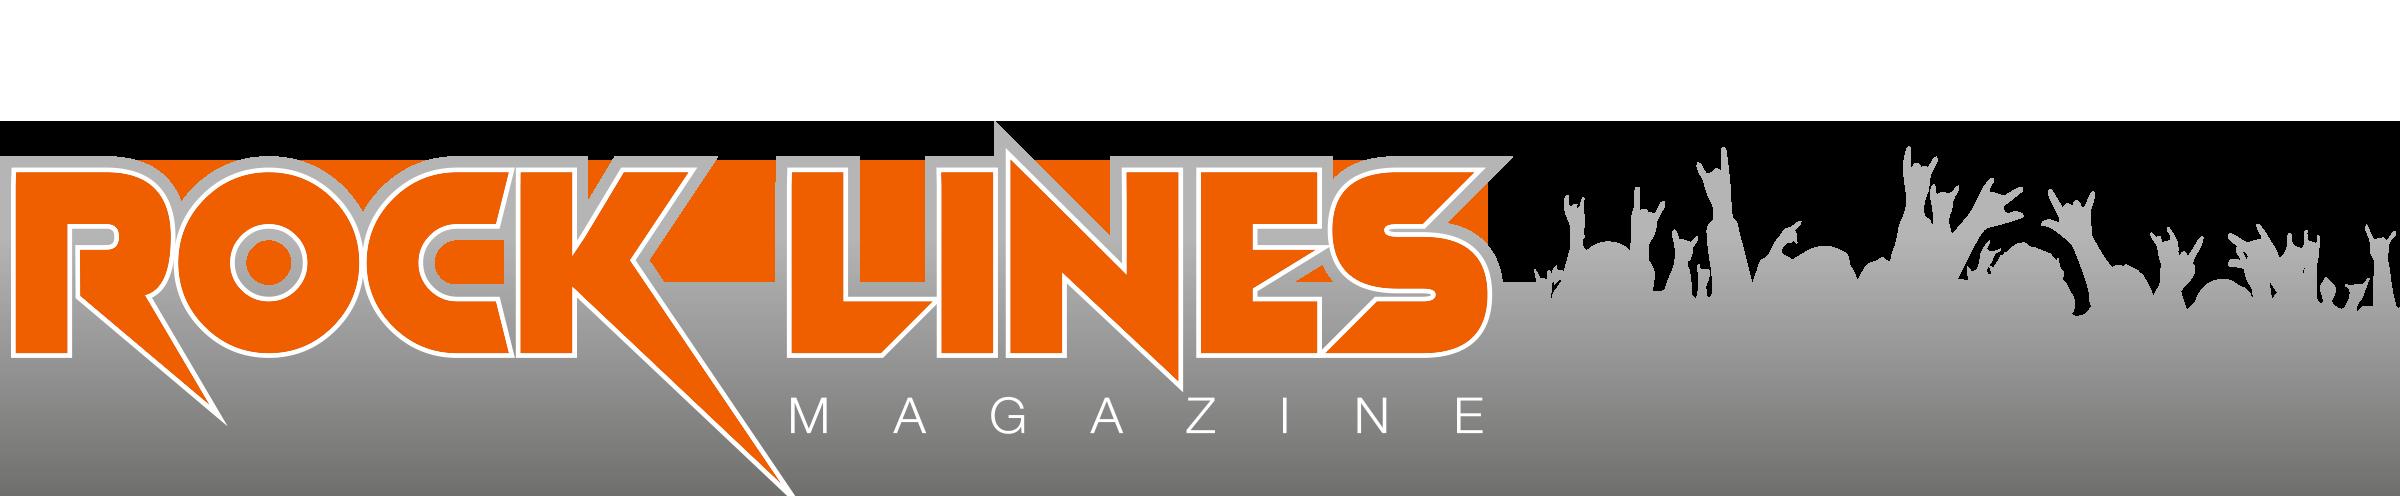 ROCK LINES magazine